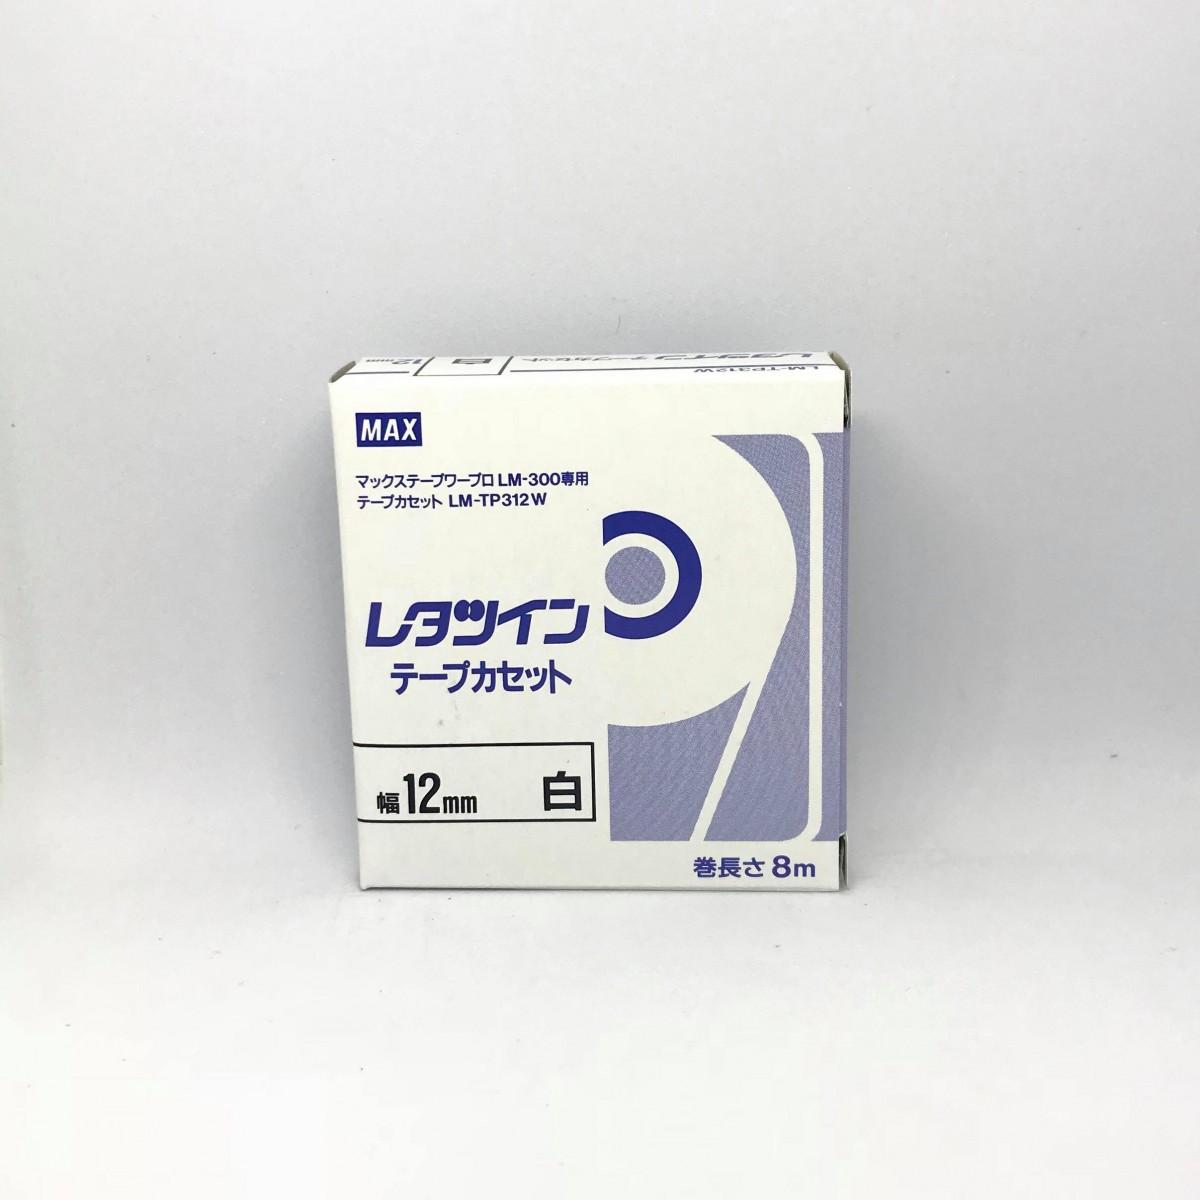 Nhãn in MAX LM-TP312W ( Nhãn in 12mm - màu trắng - dài 8 met )